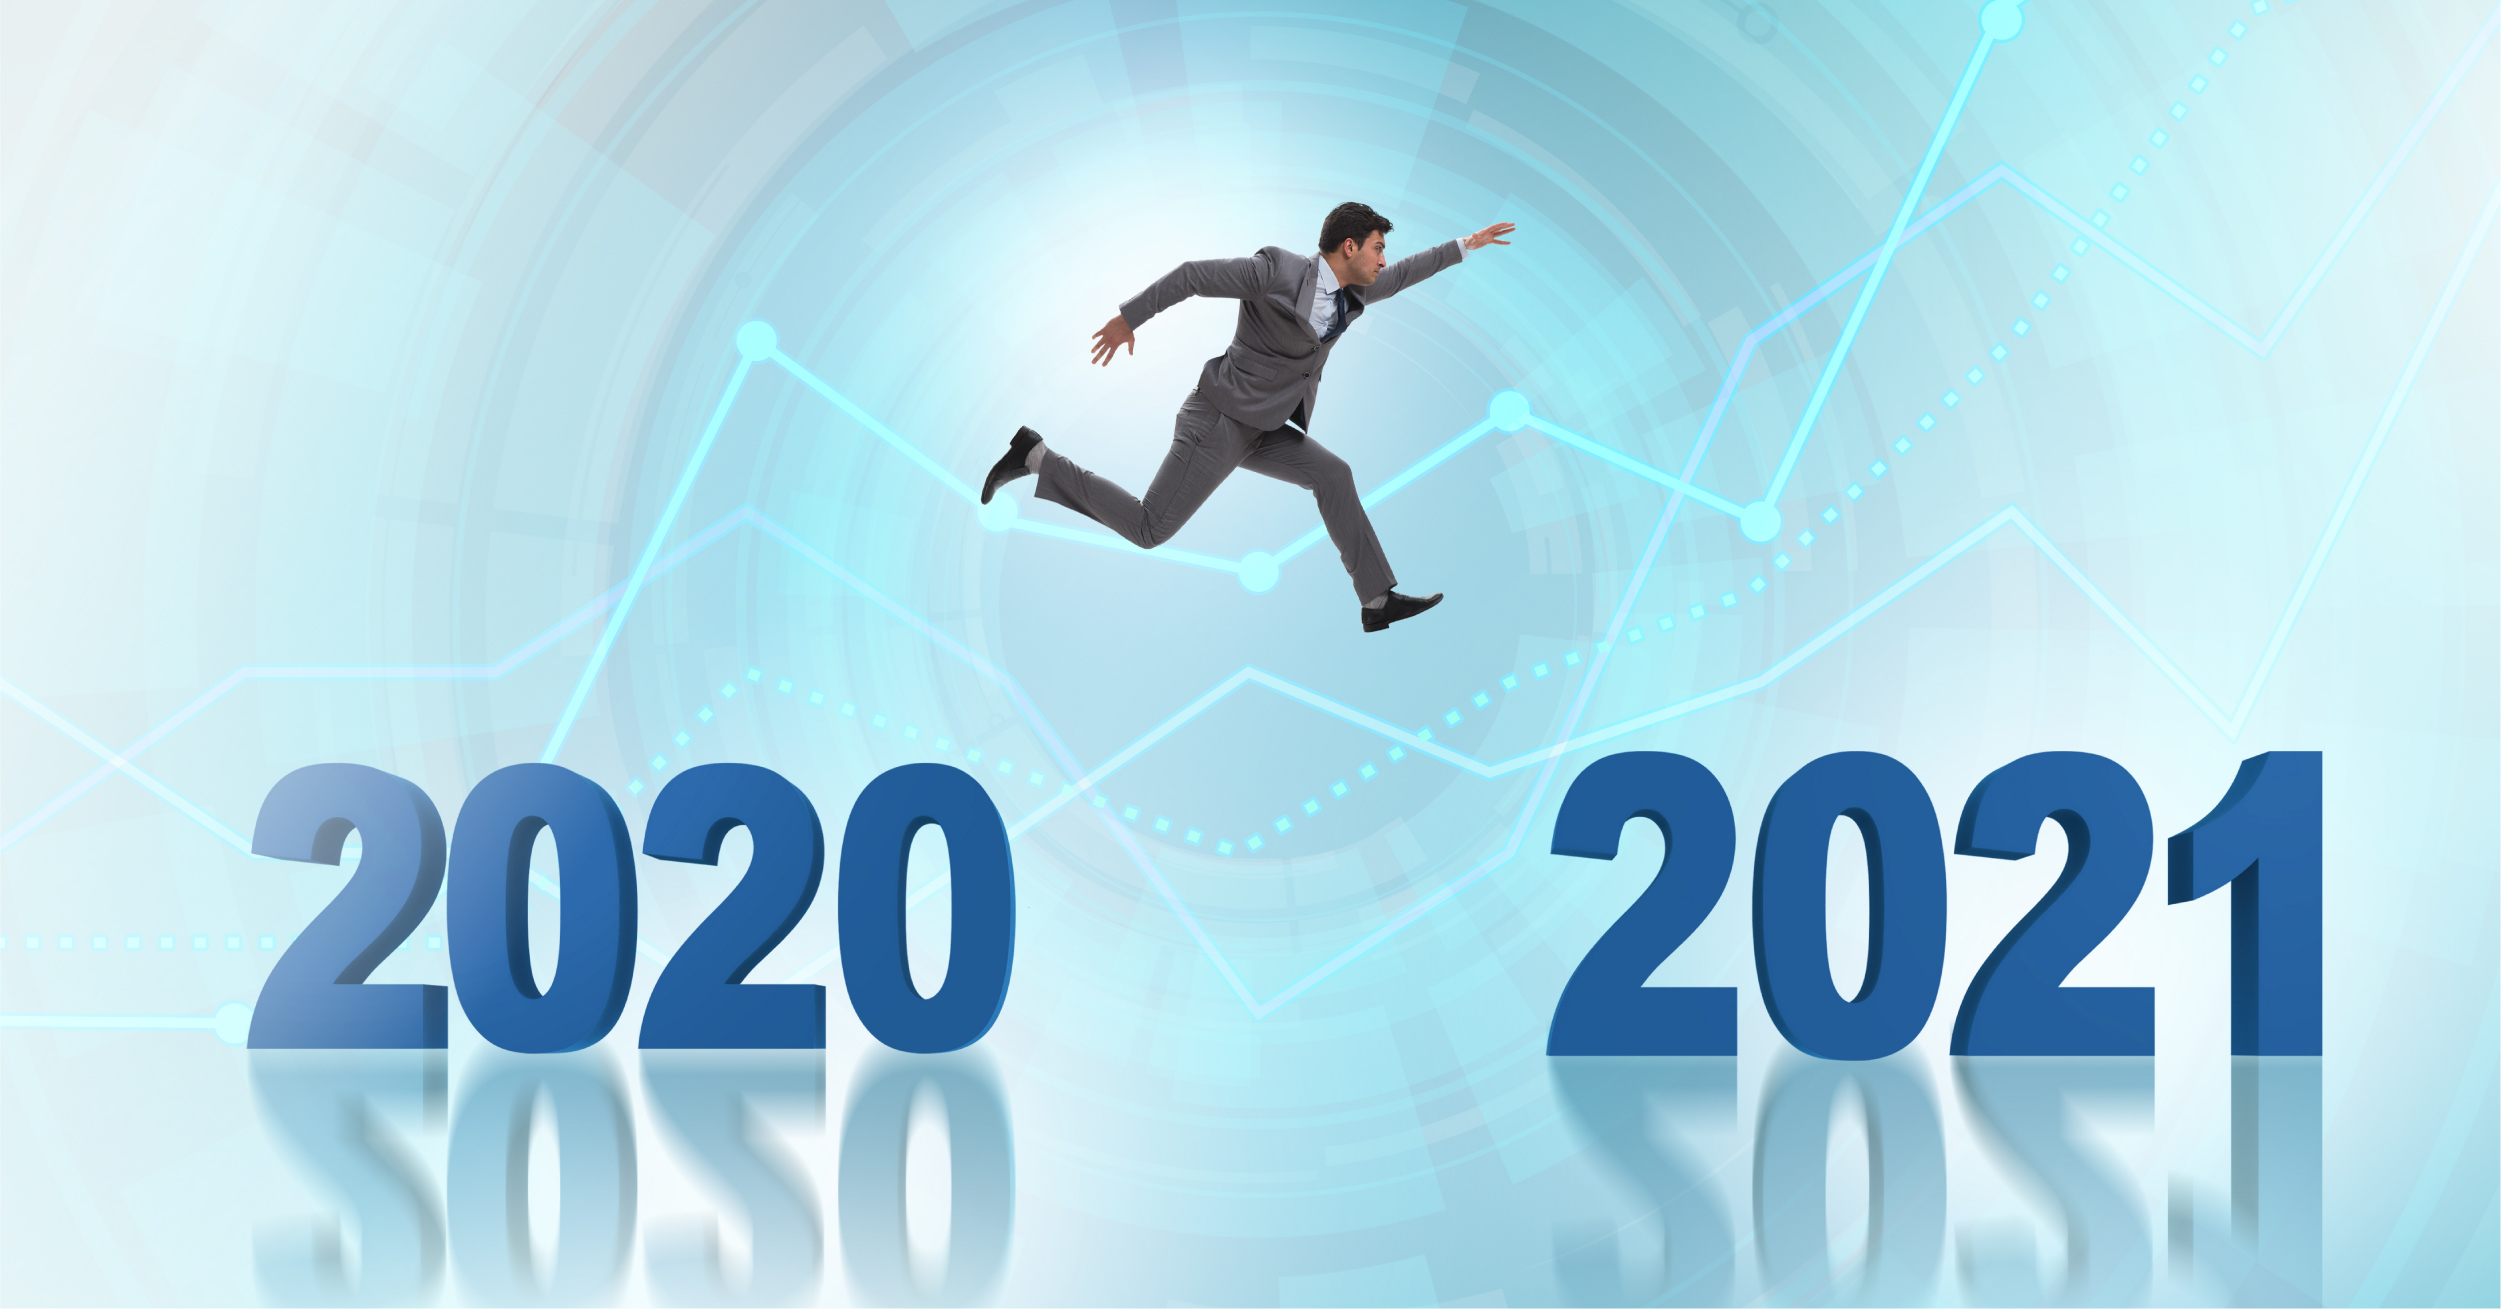 האם הקרן שלך מנוהלת אצל המנצחים? סיכום שנת 2020 בגמל ובהשתלמות